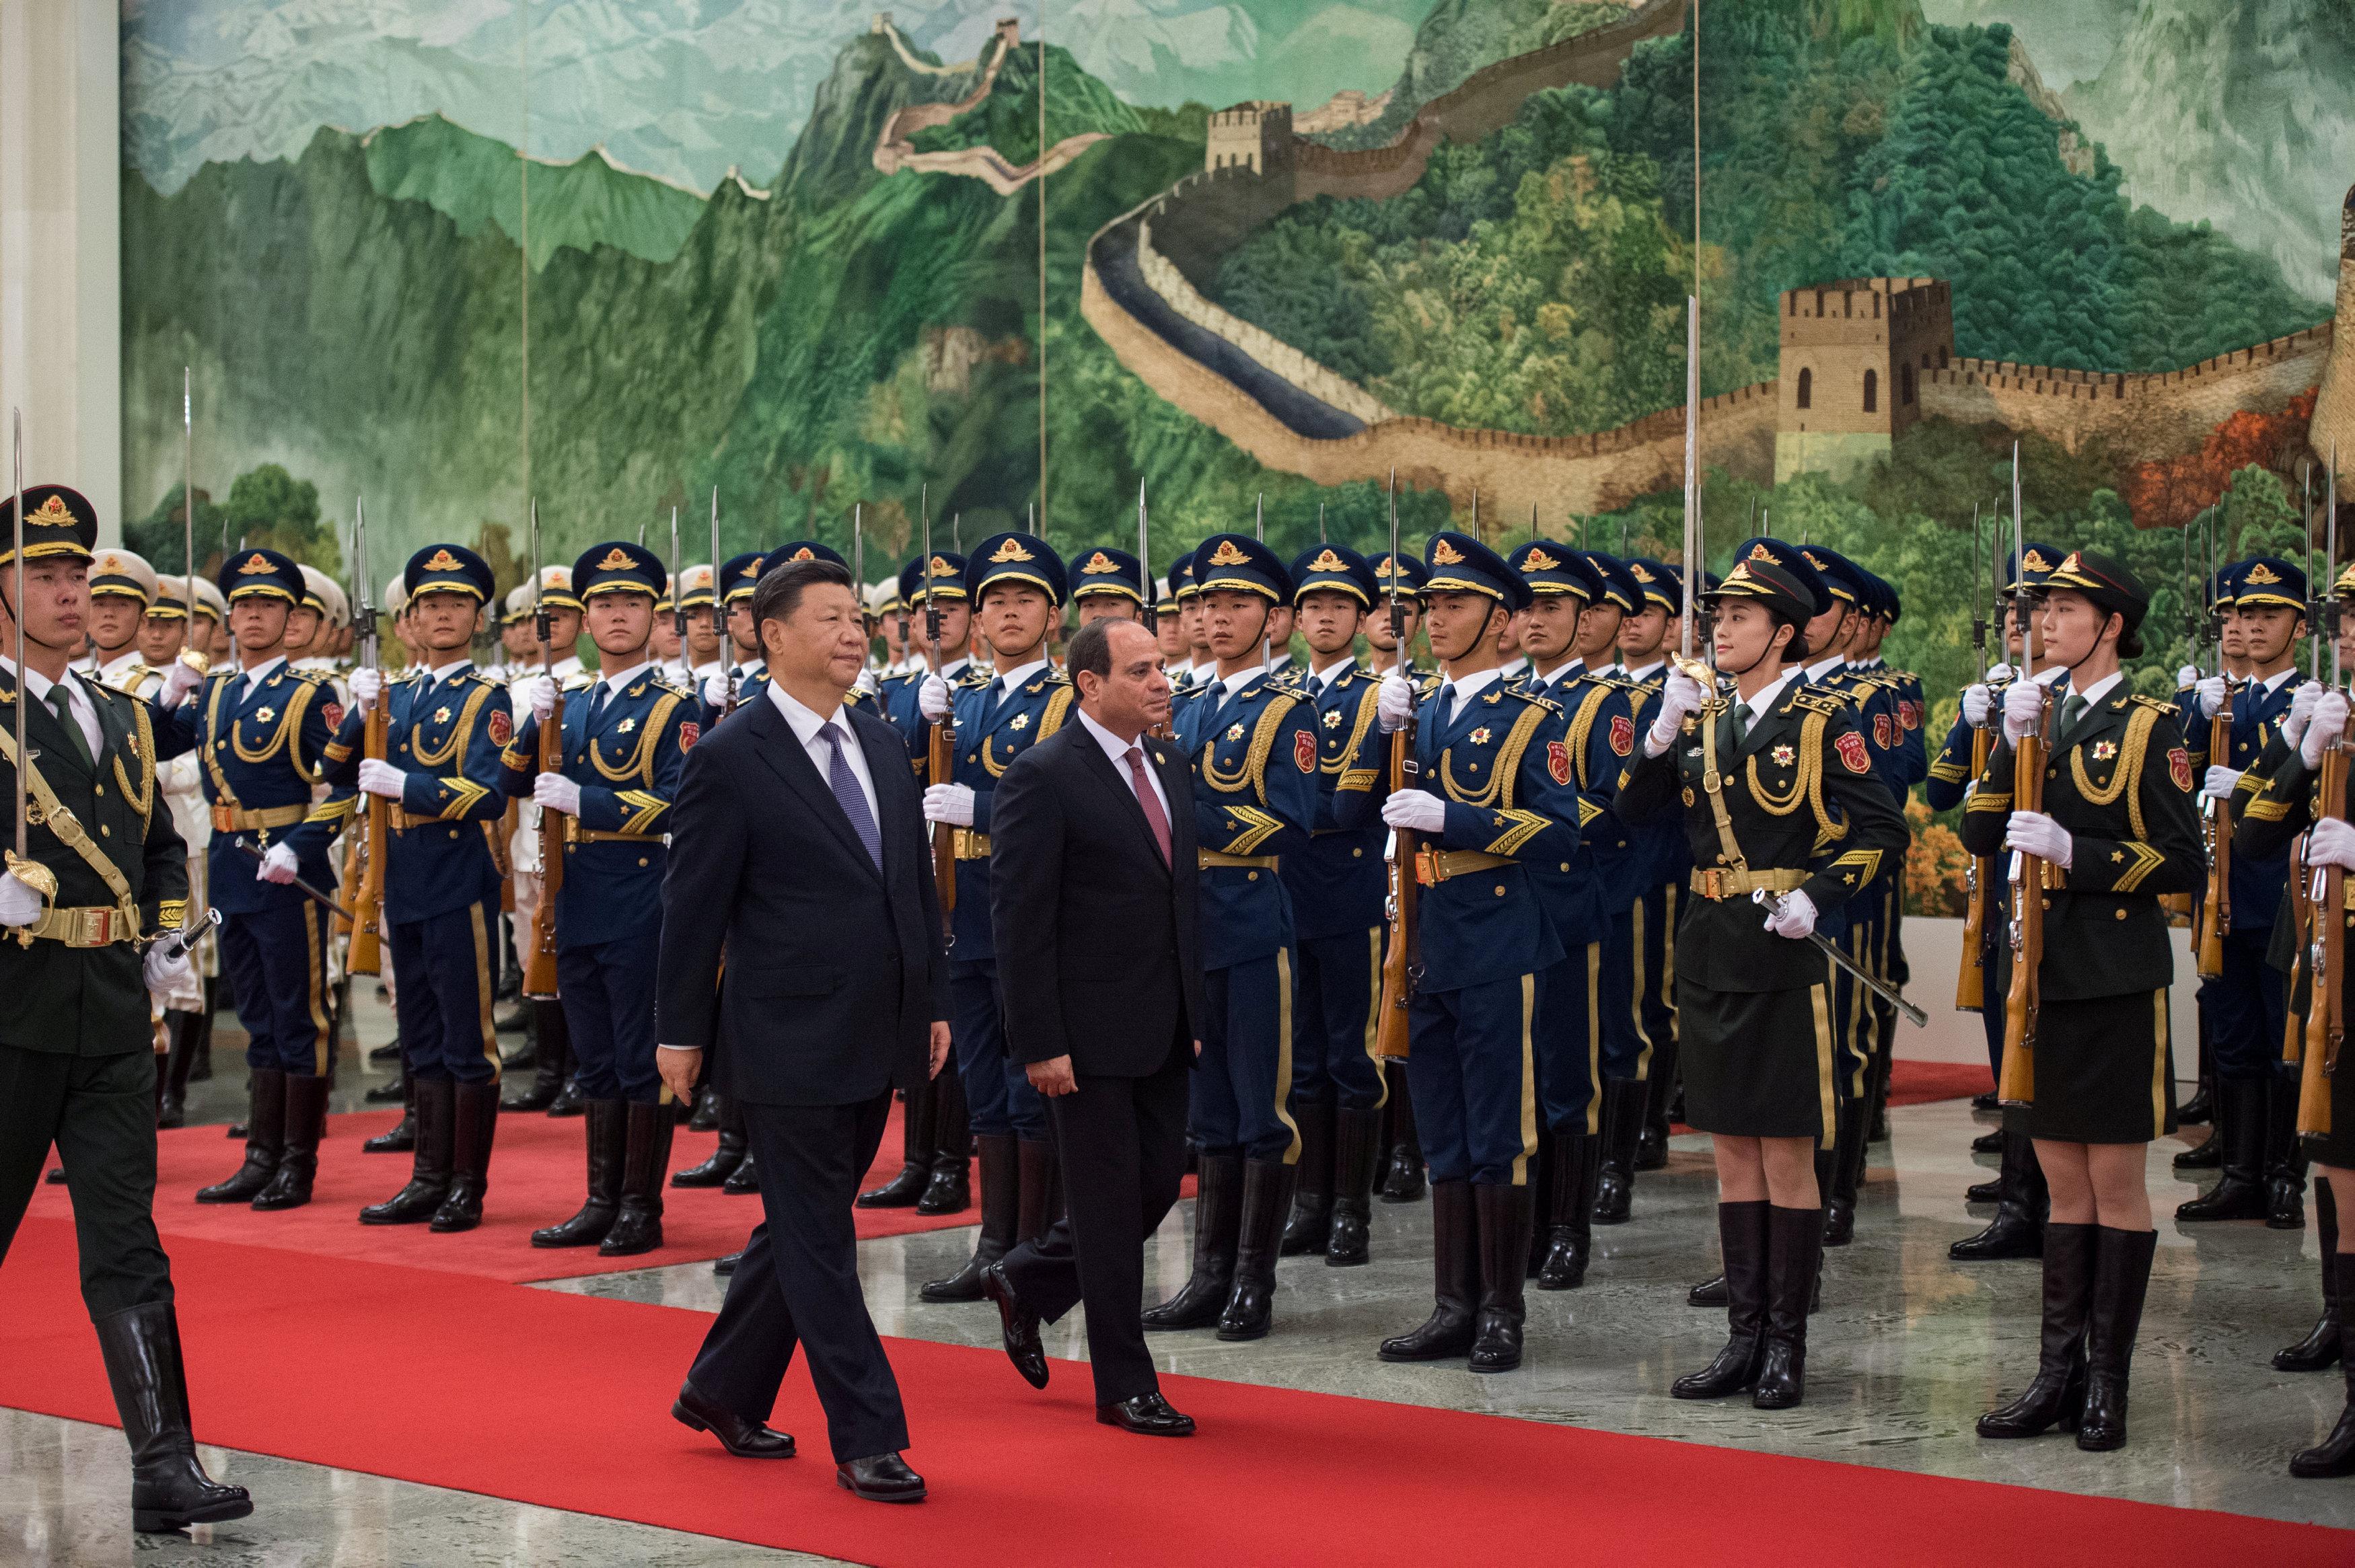 مراسم استقبال رسمية للسيسى فى بكين  (2)